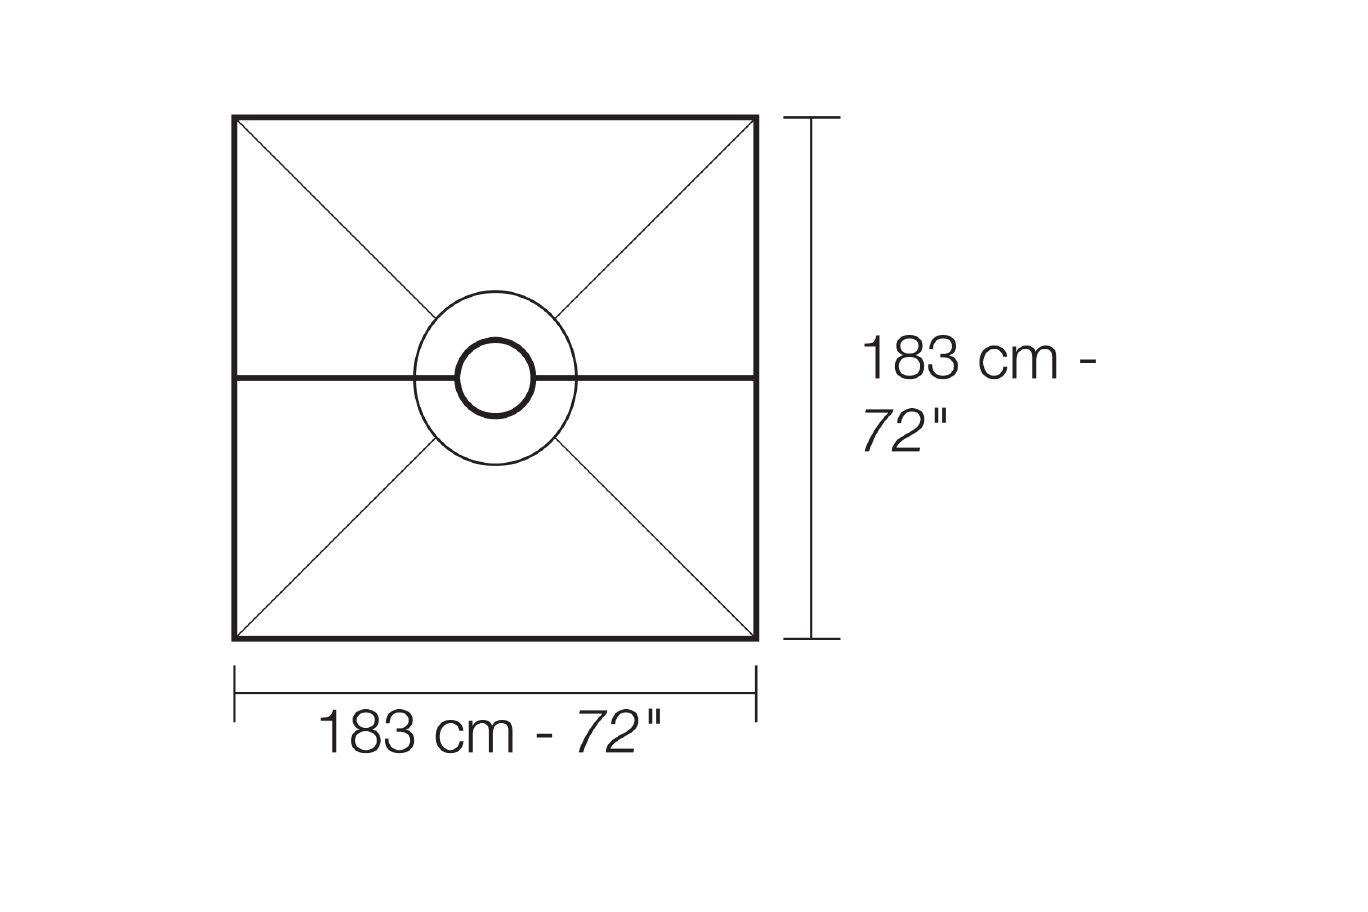 SHOWER KIT 72x72